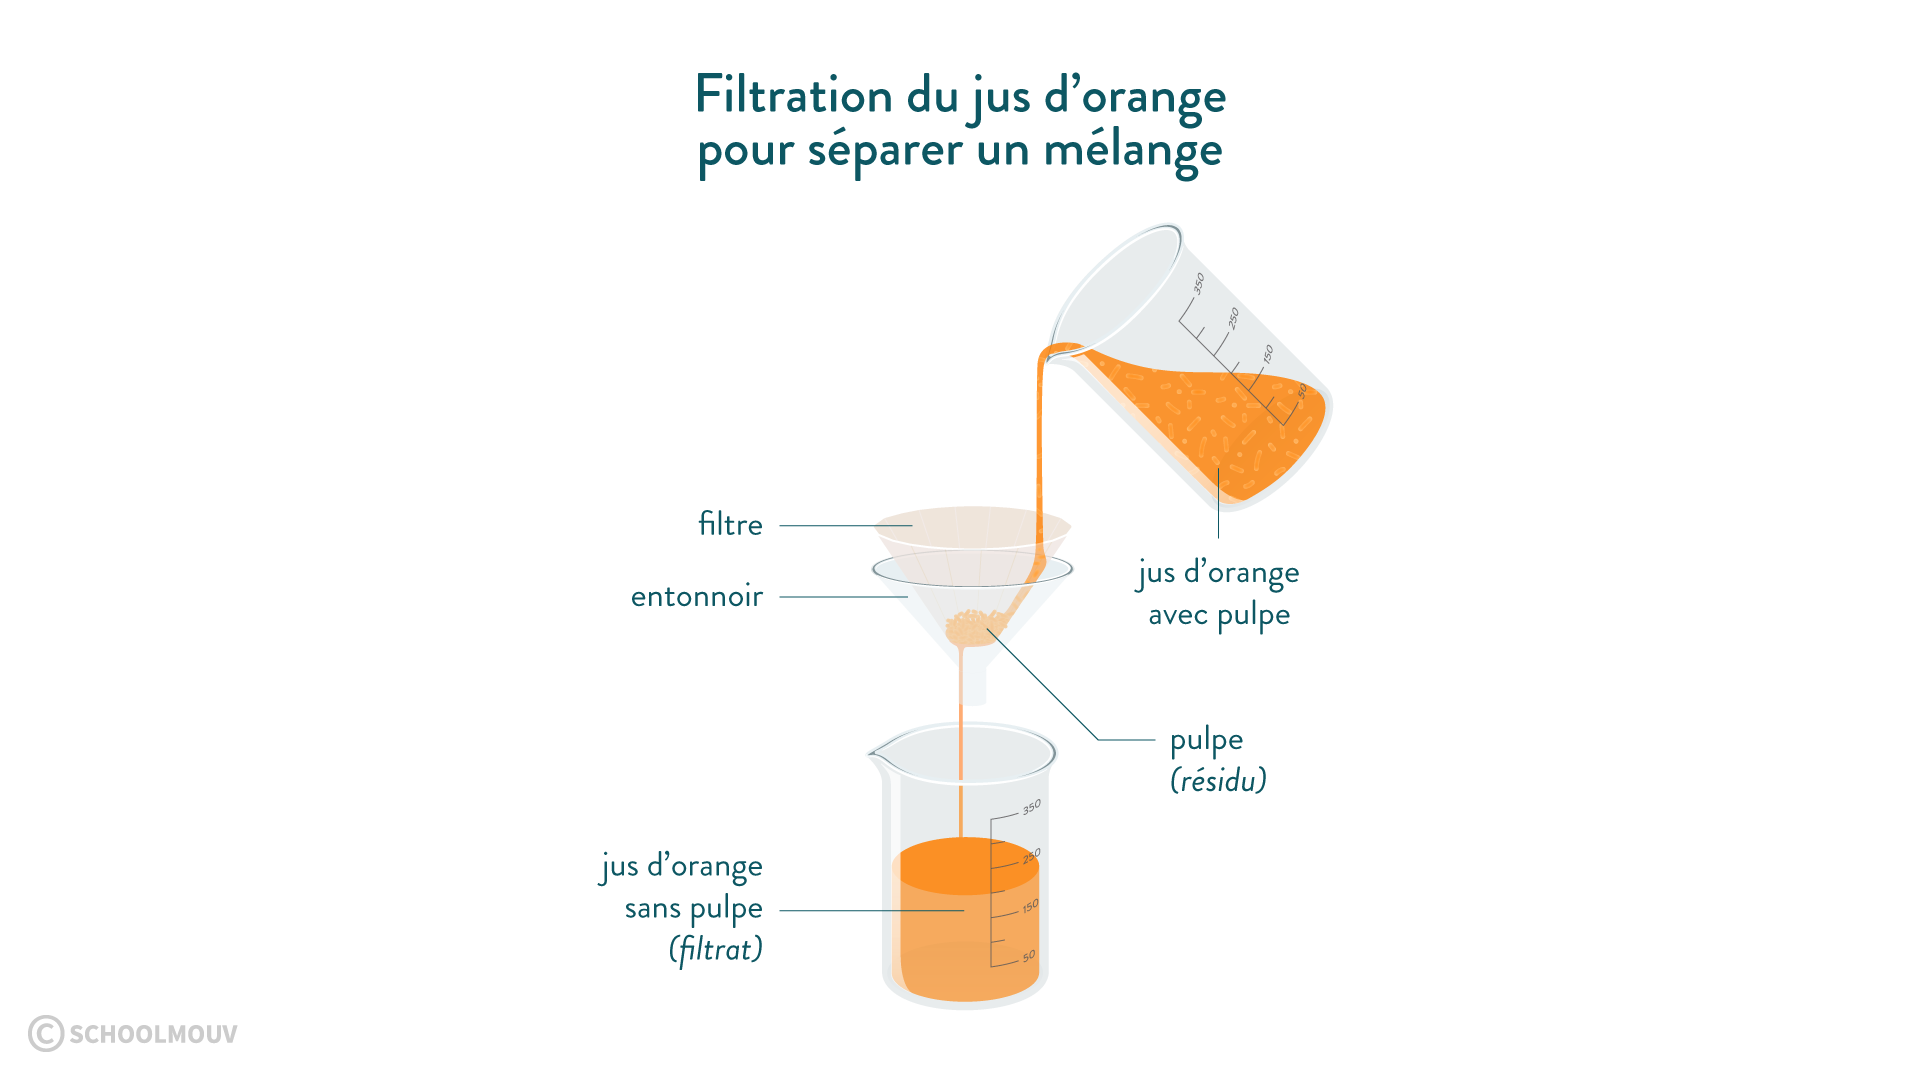 Filtration du jus d'orange pour séparer un mélange physique chimie 6eme schoolmouv